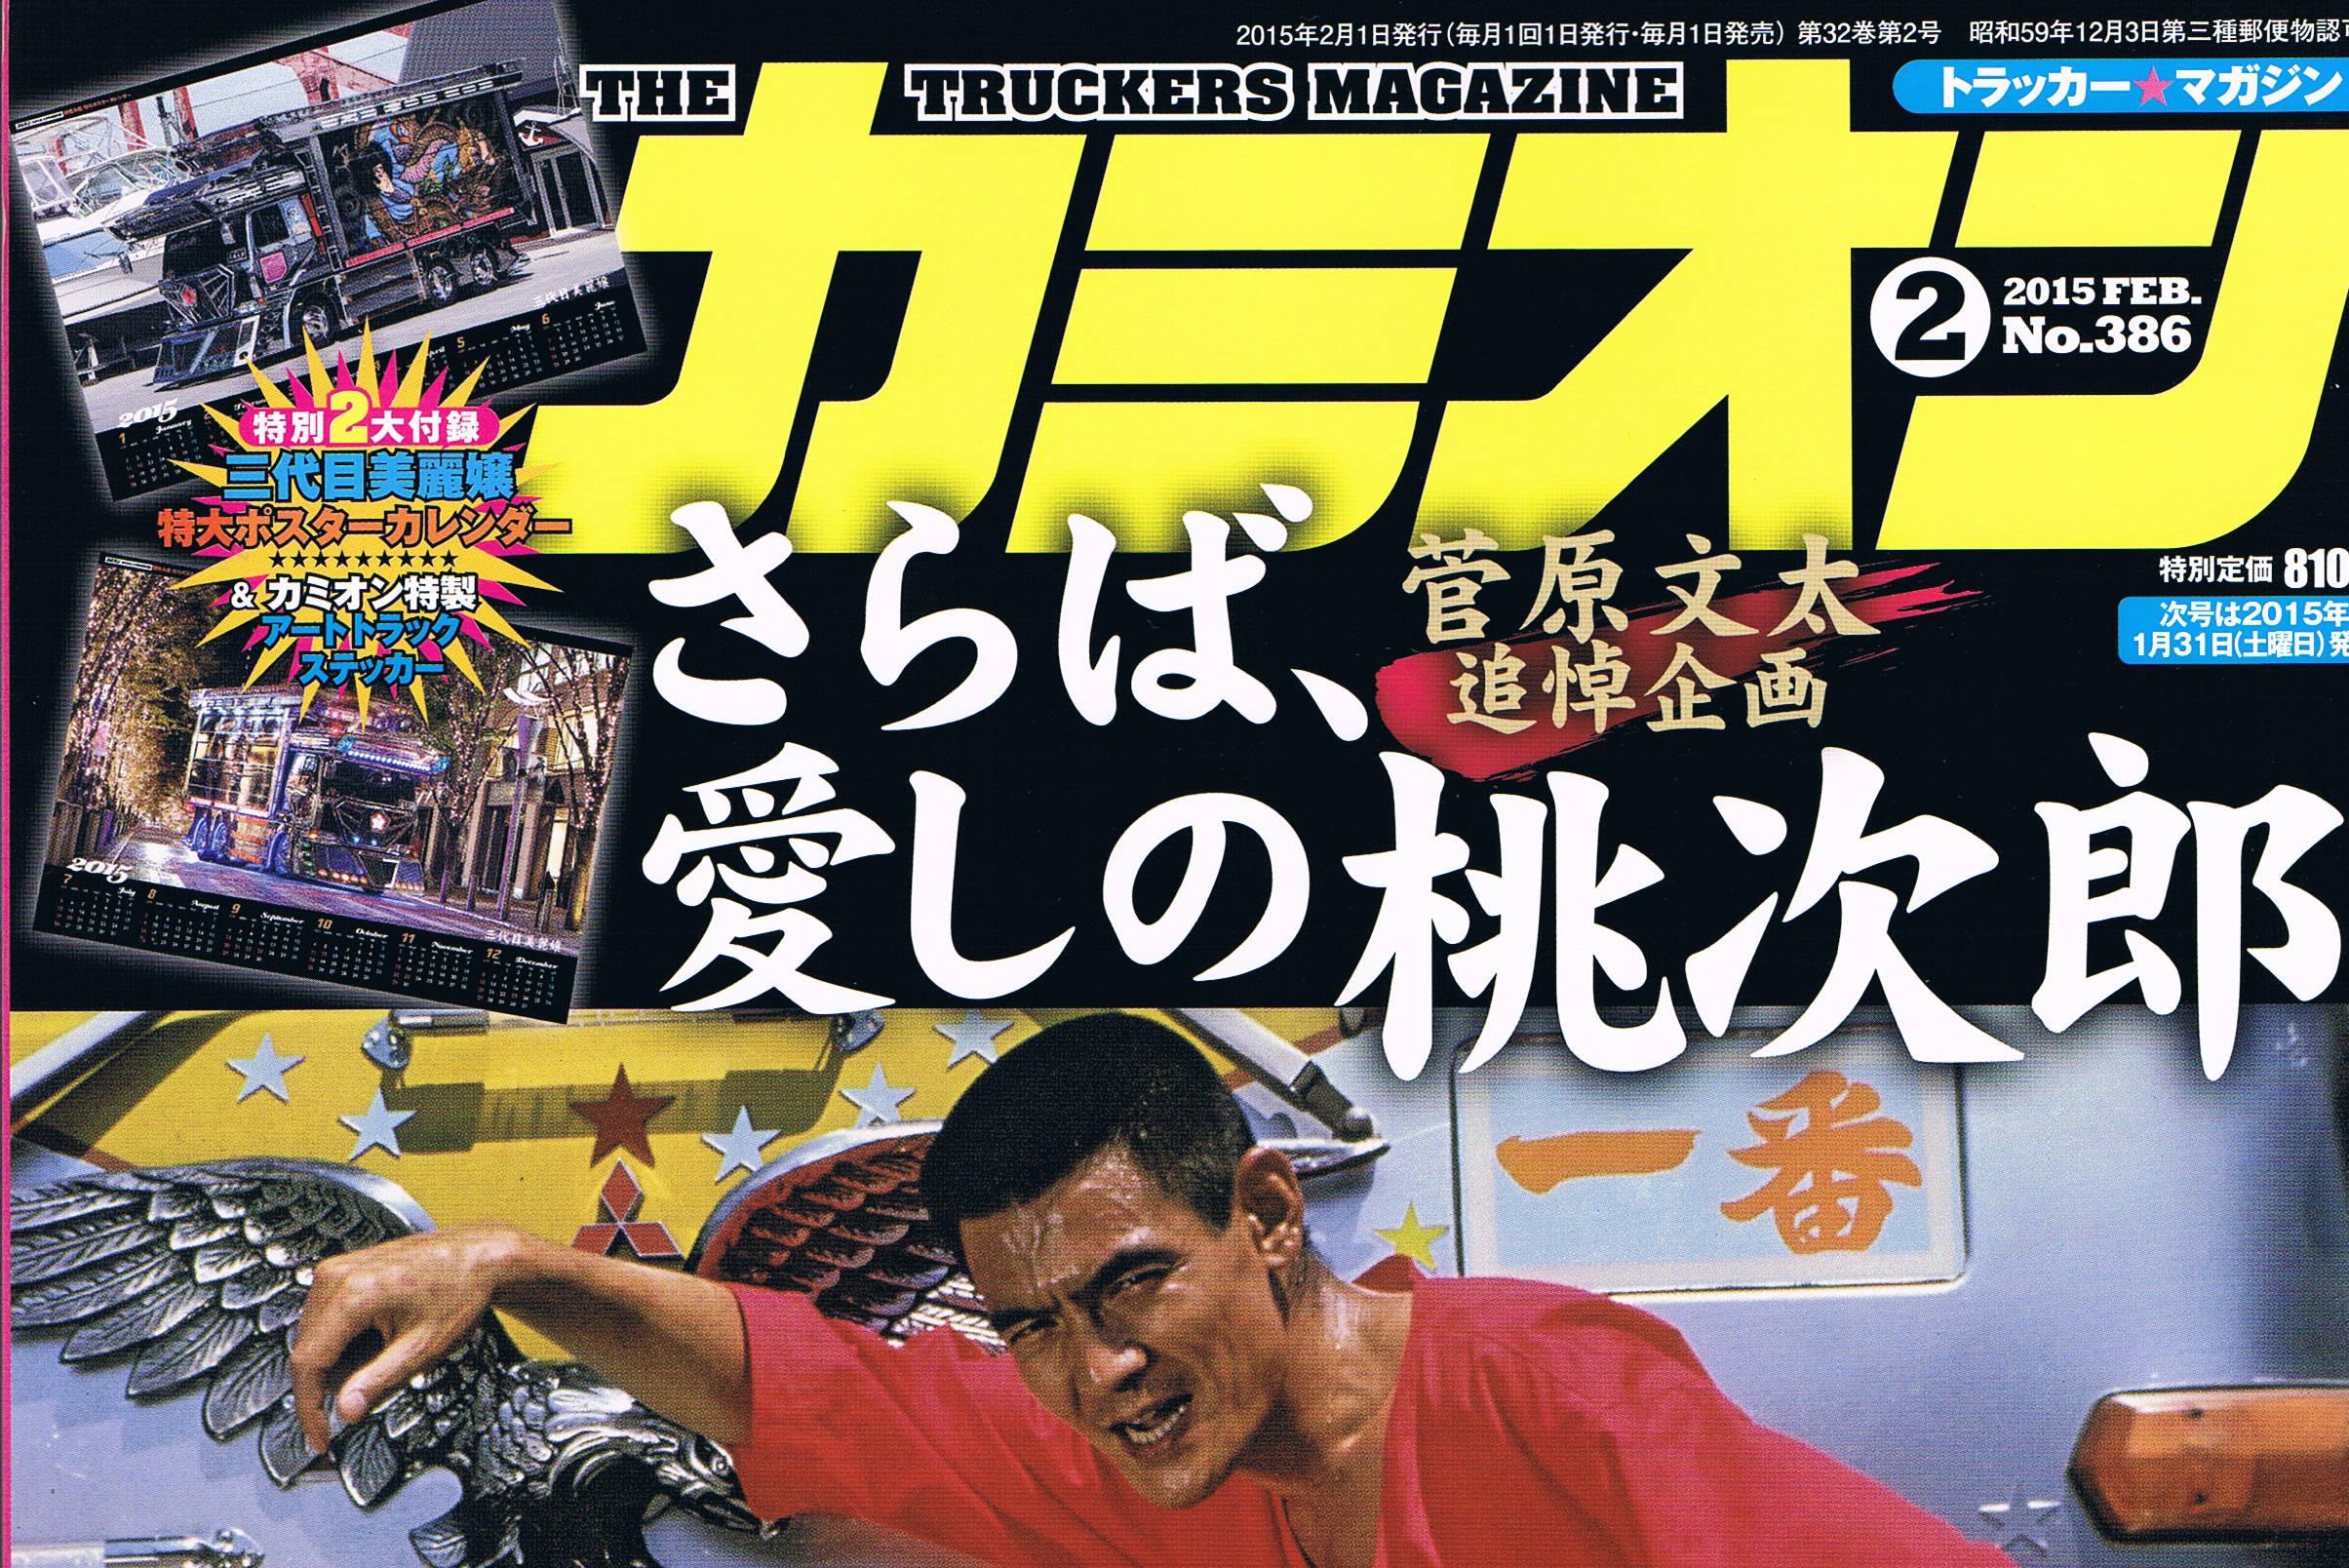 カミオン2月号(12/27発売)36~37ページに記事が掲載されました。モニタープレゼント5名様応募券が付いています。